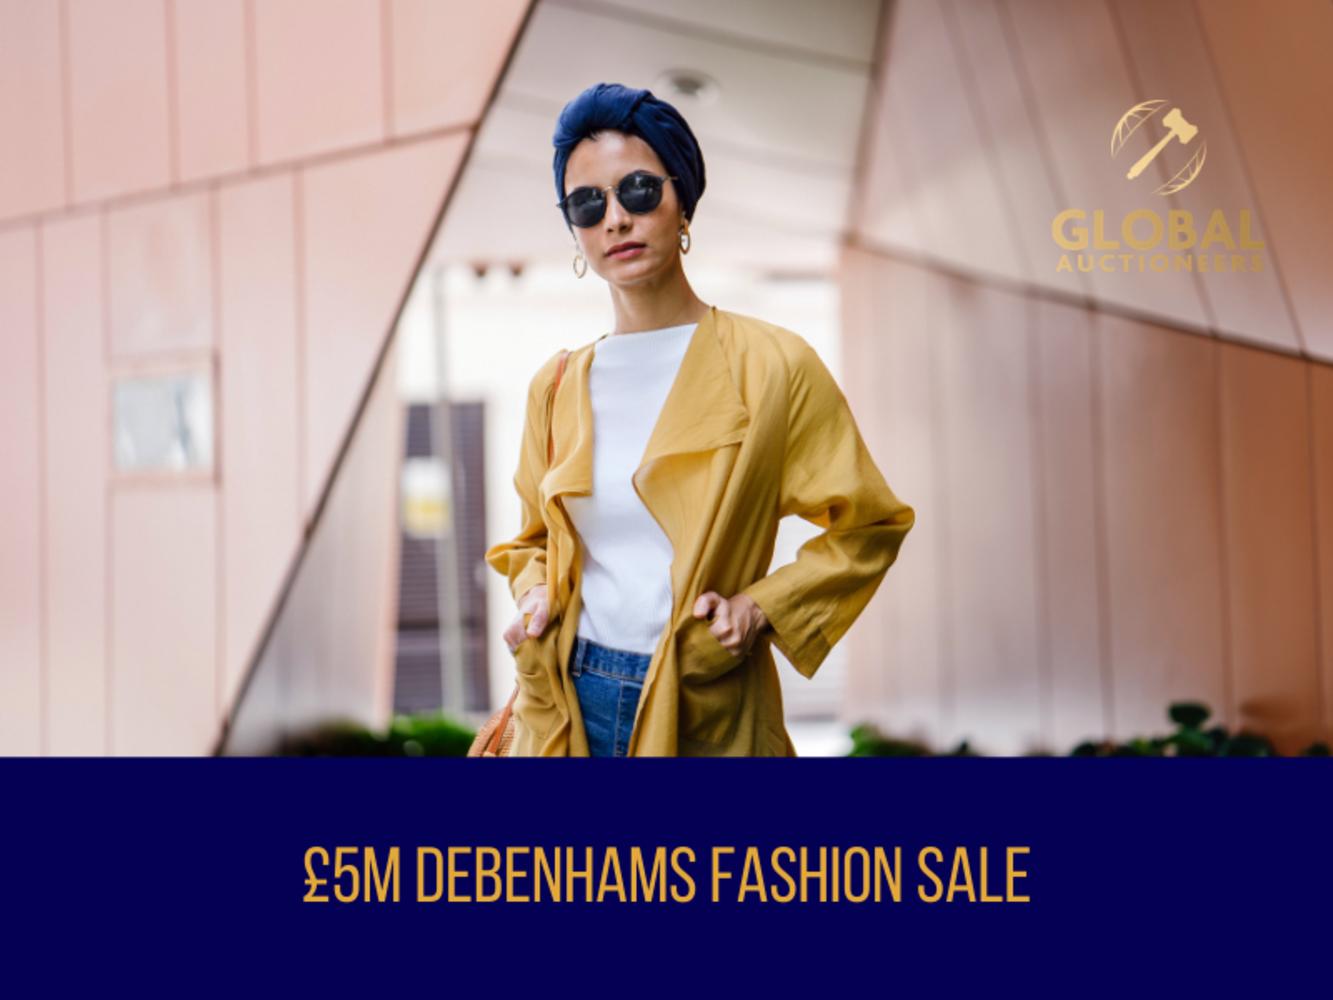 The £5m Debenhams Mega Fashion Sale - 9th April 2021